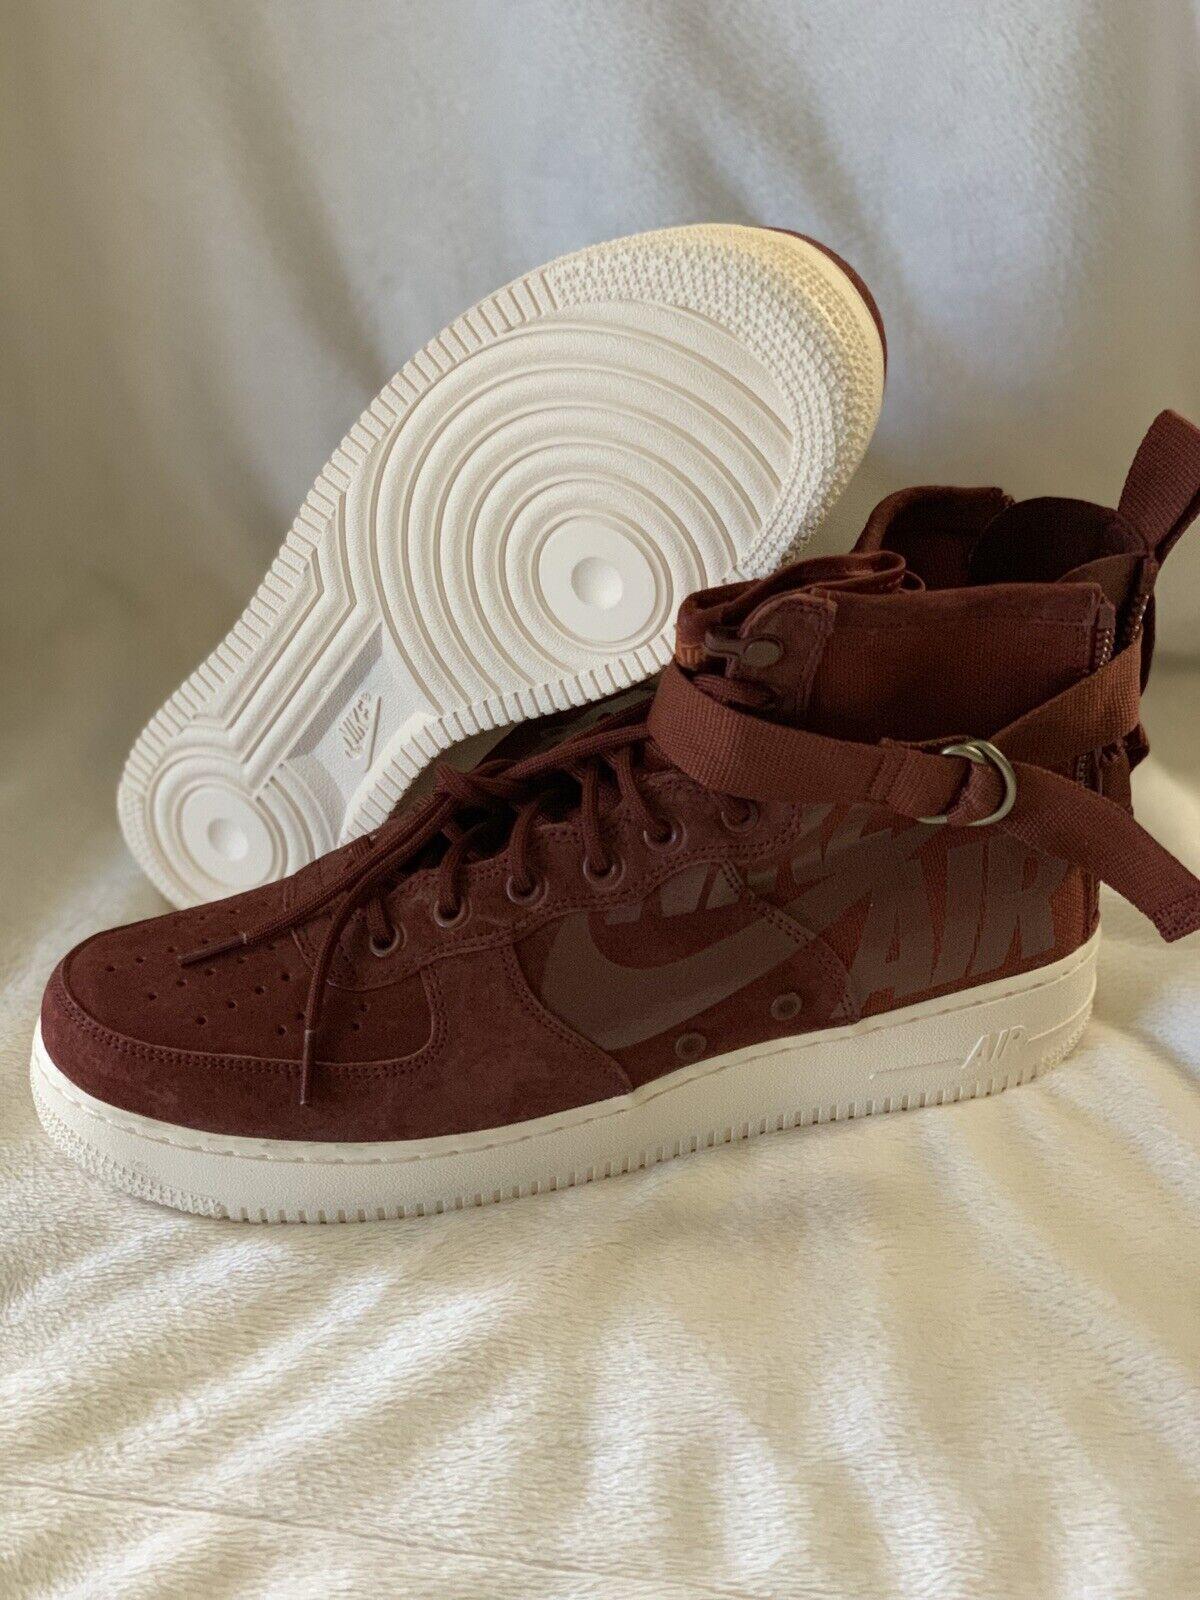 Nike SF Air Force 1 Mid Men 11 AF1 Pueblo Brown Lifestyle Sneakers 917753-202